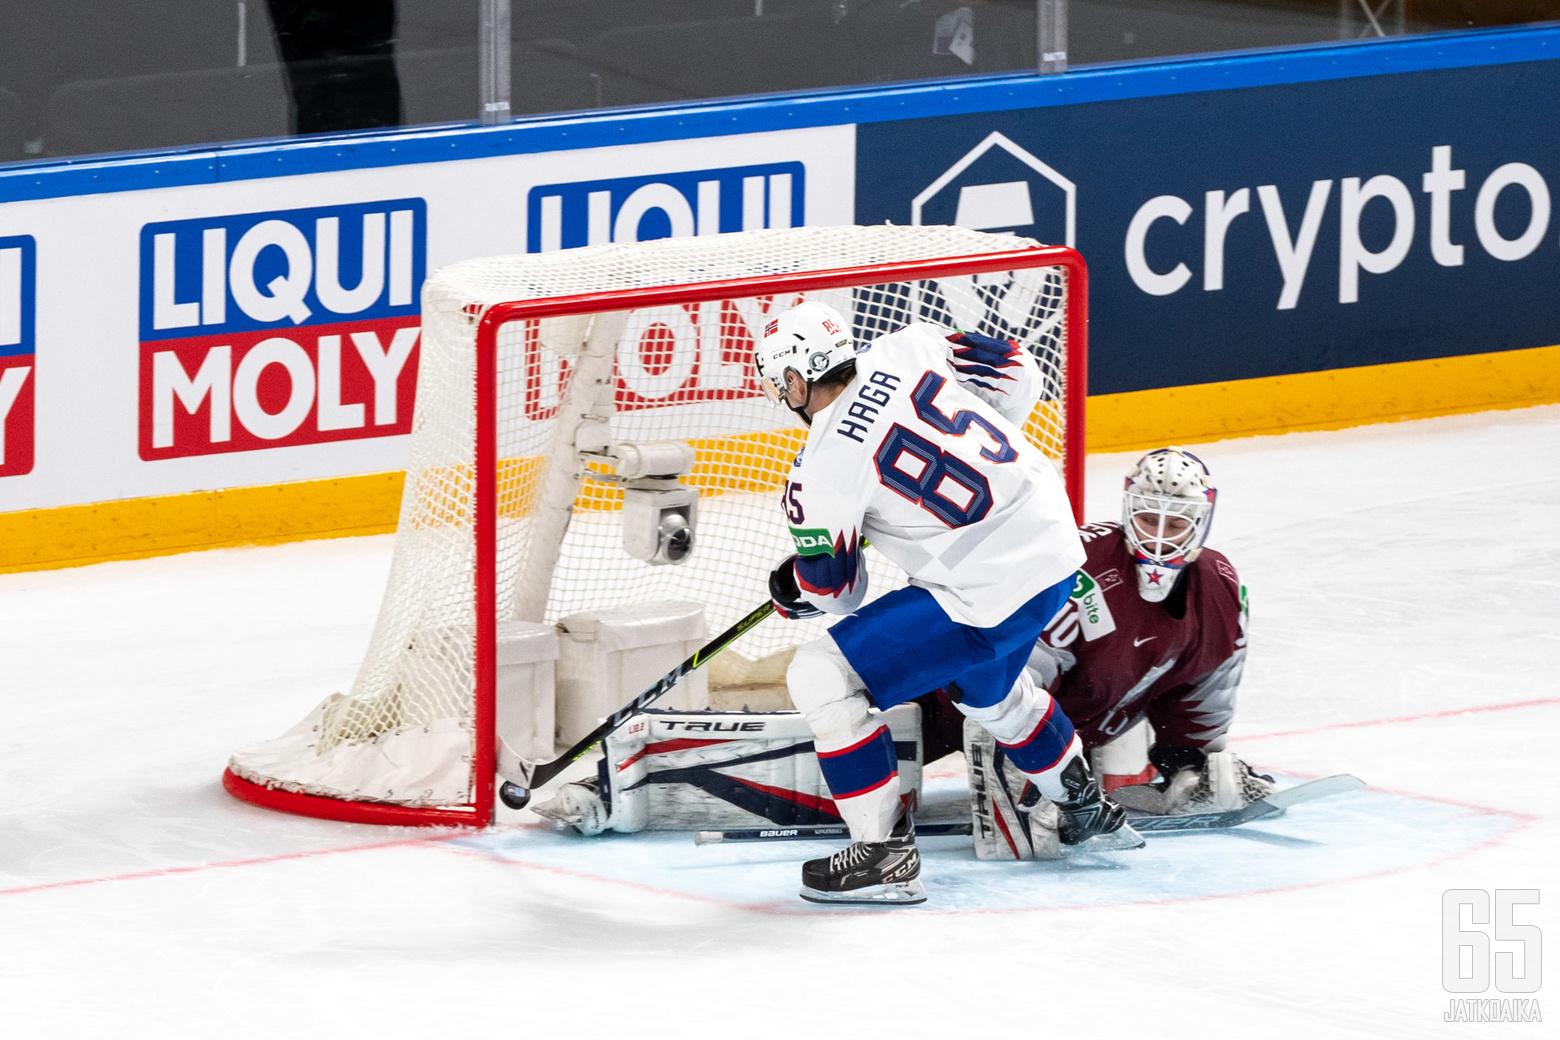 Norja voitti Latvian voittolaukauksilla 4-3.